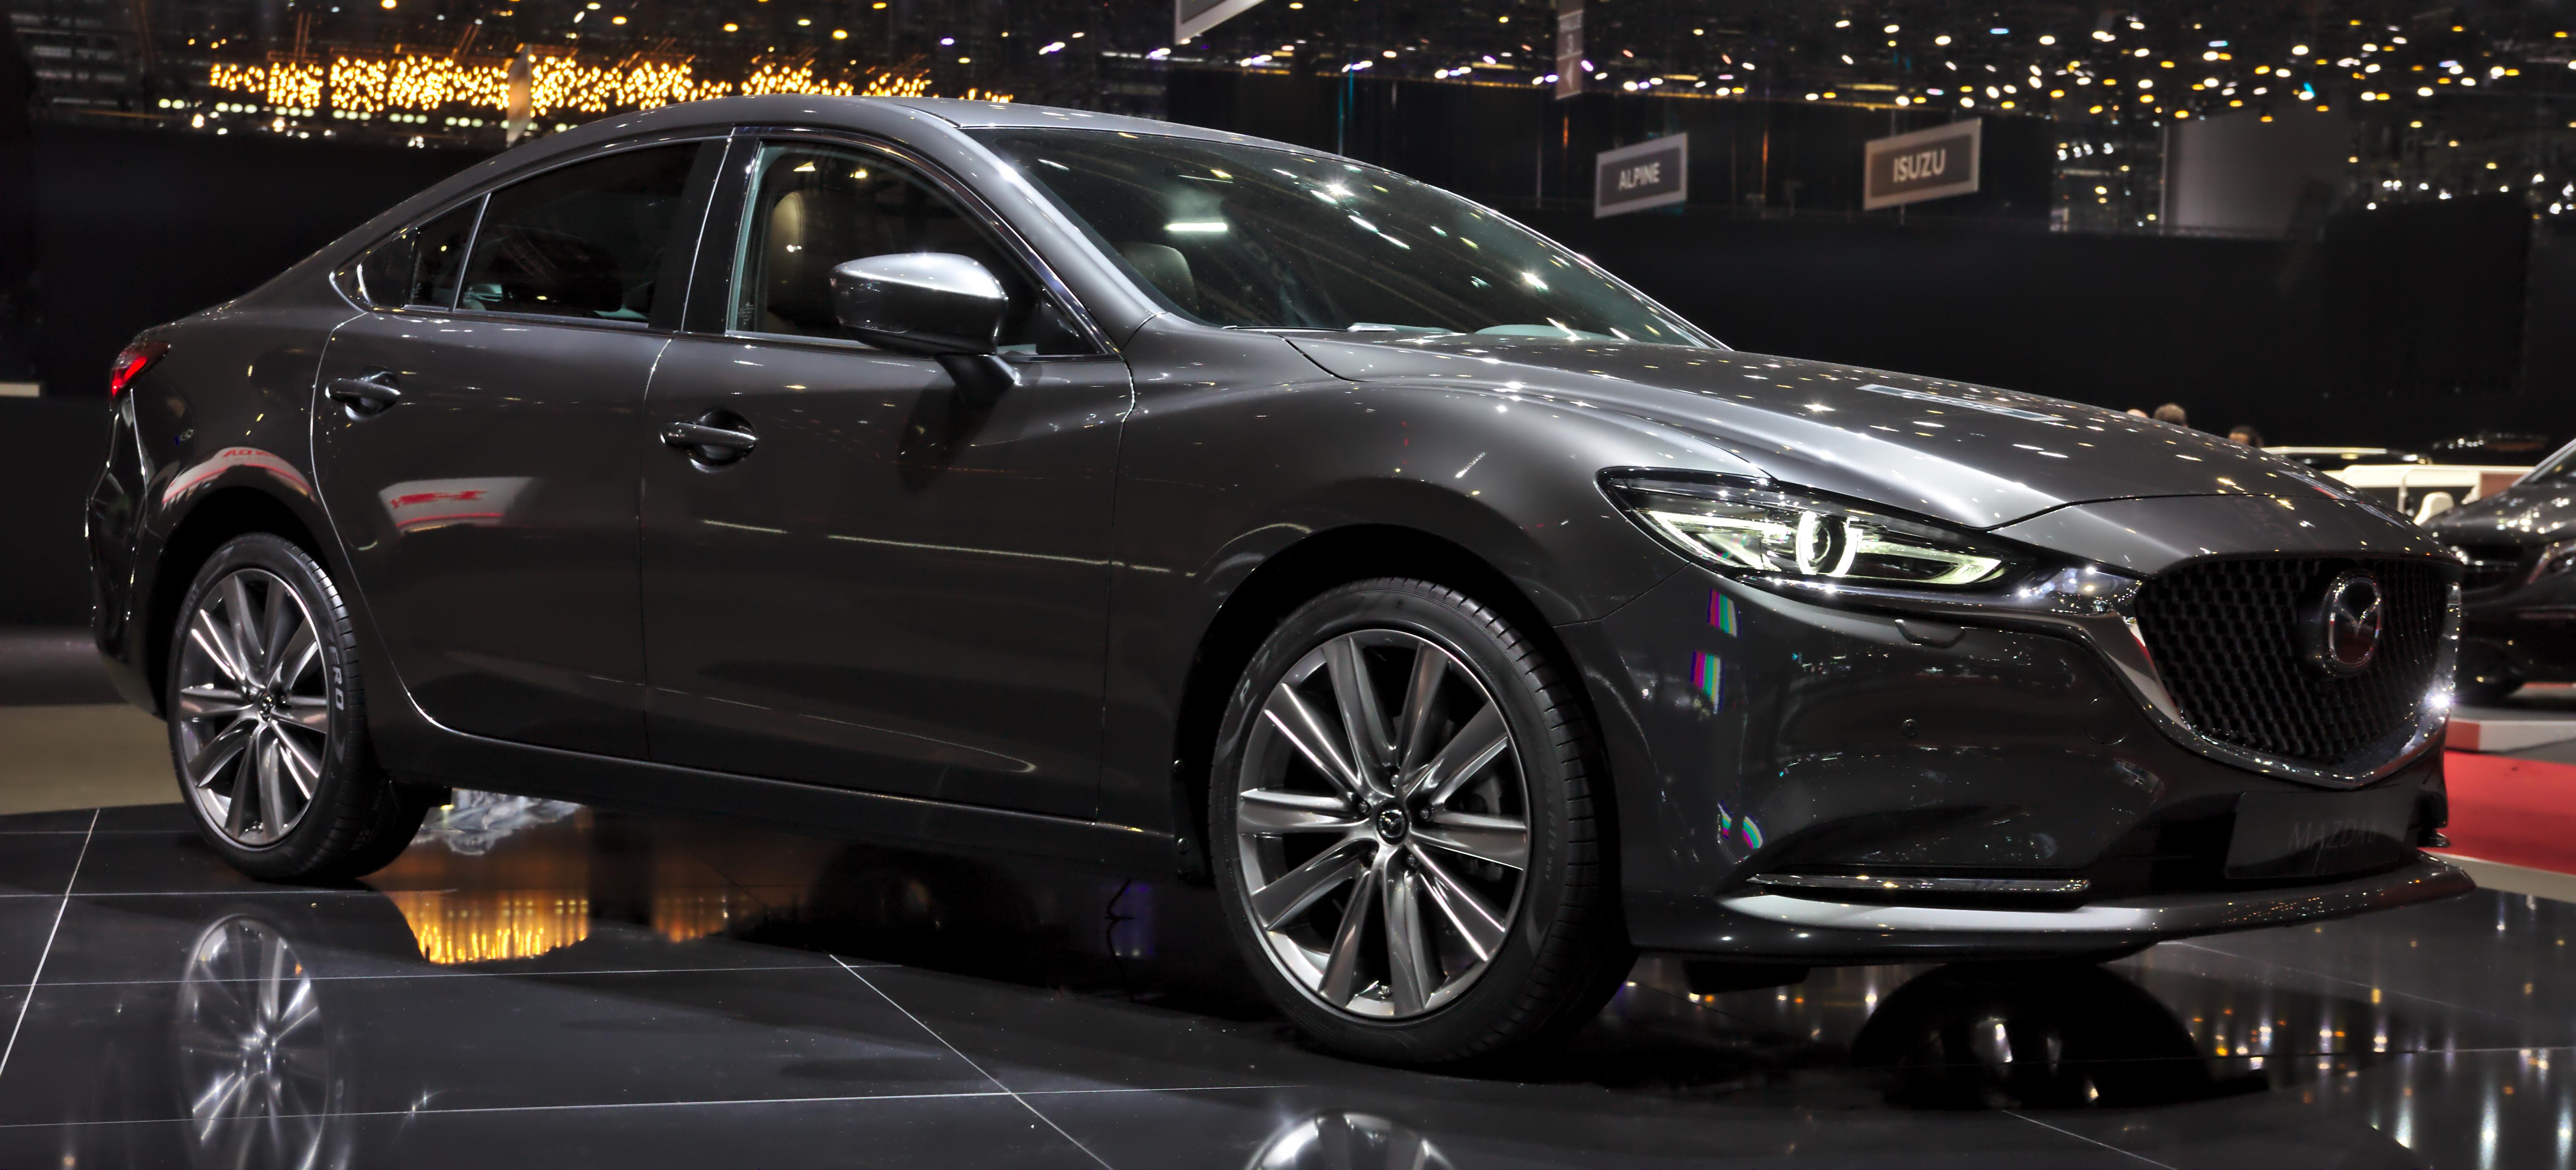 Kelebihan Kekurangan Mazda 6 2018 Tangguh